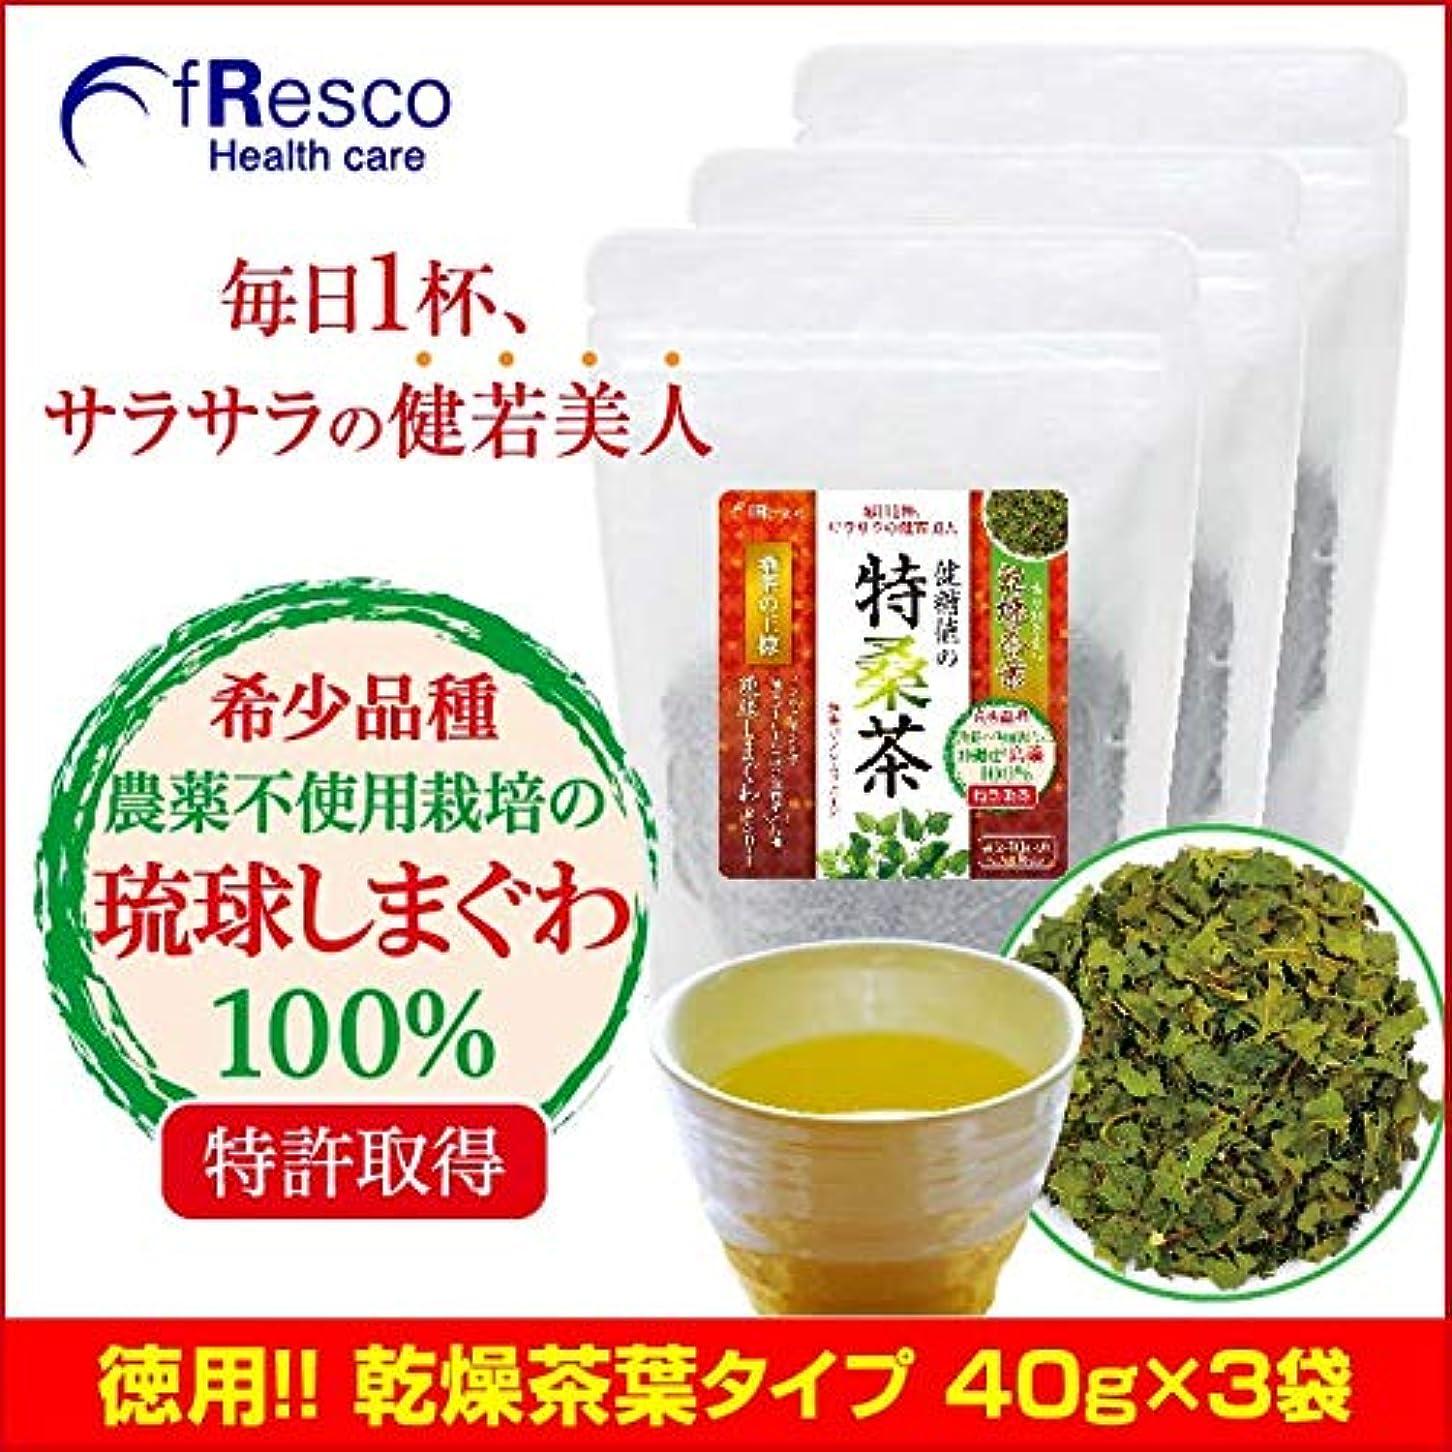 彼の霧深い参照琉球しまぐわ 健糖値の特桑茶 乾燥茶葉40g 90日分(3個セット)